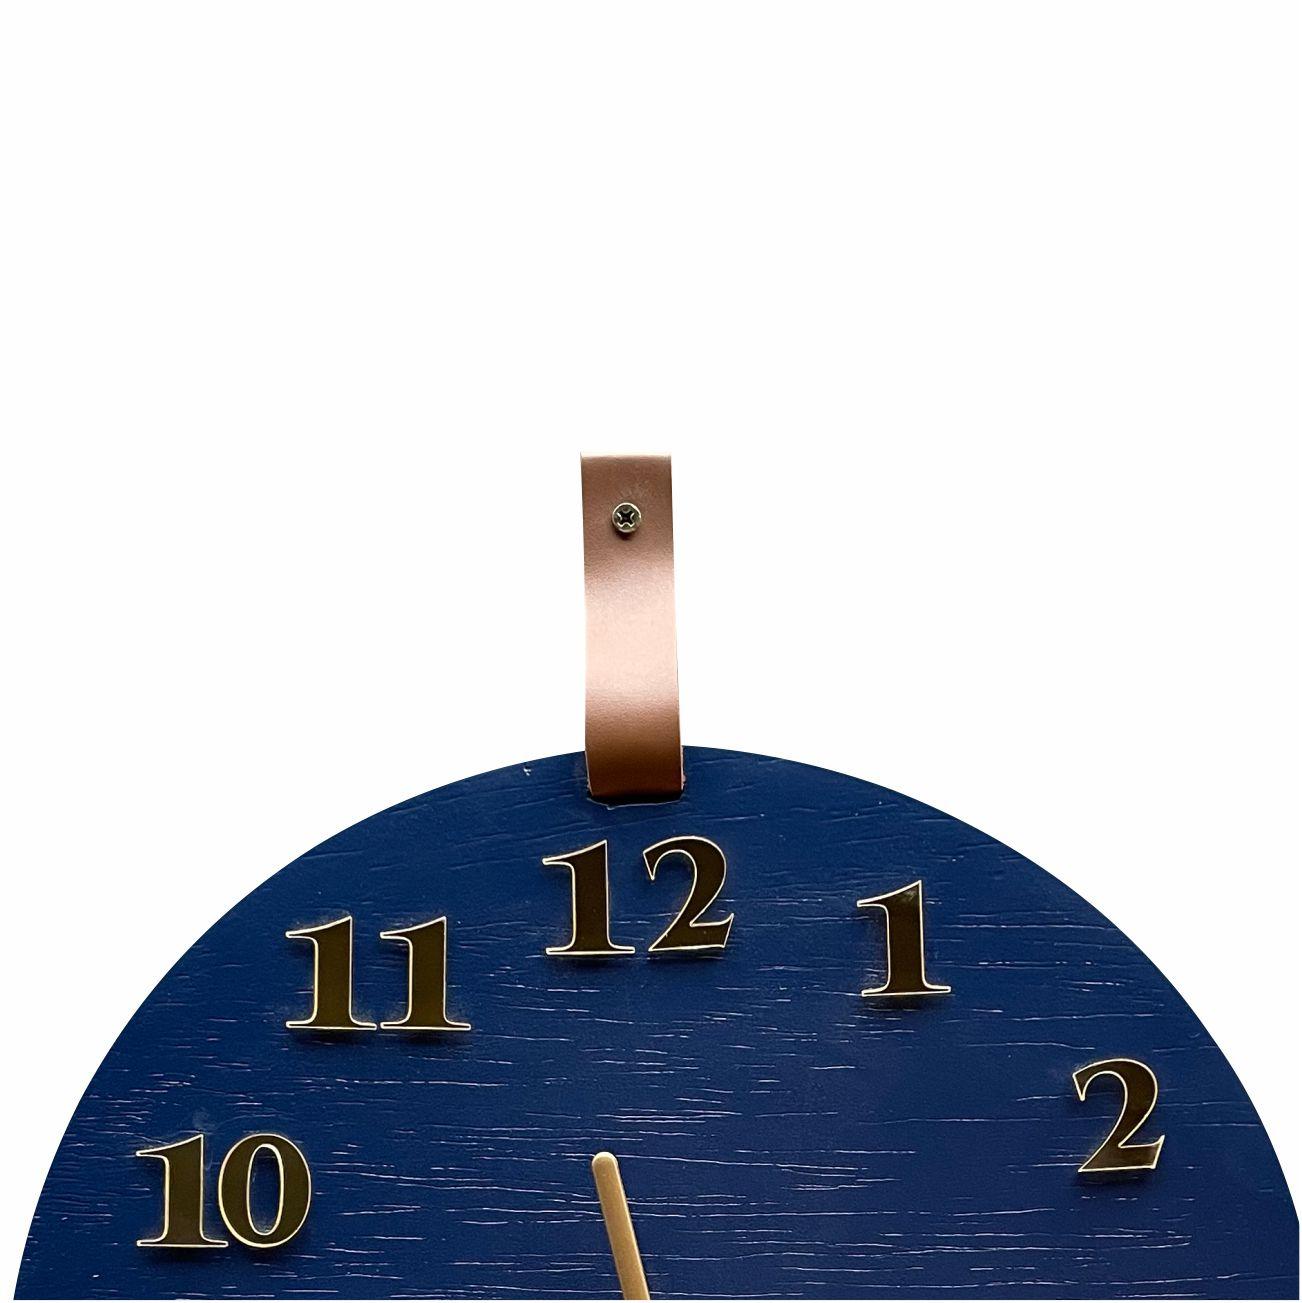 Relógio De Parede Decorativo Moderno Azul e Dourado